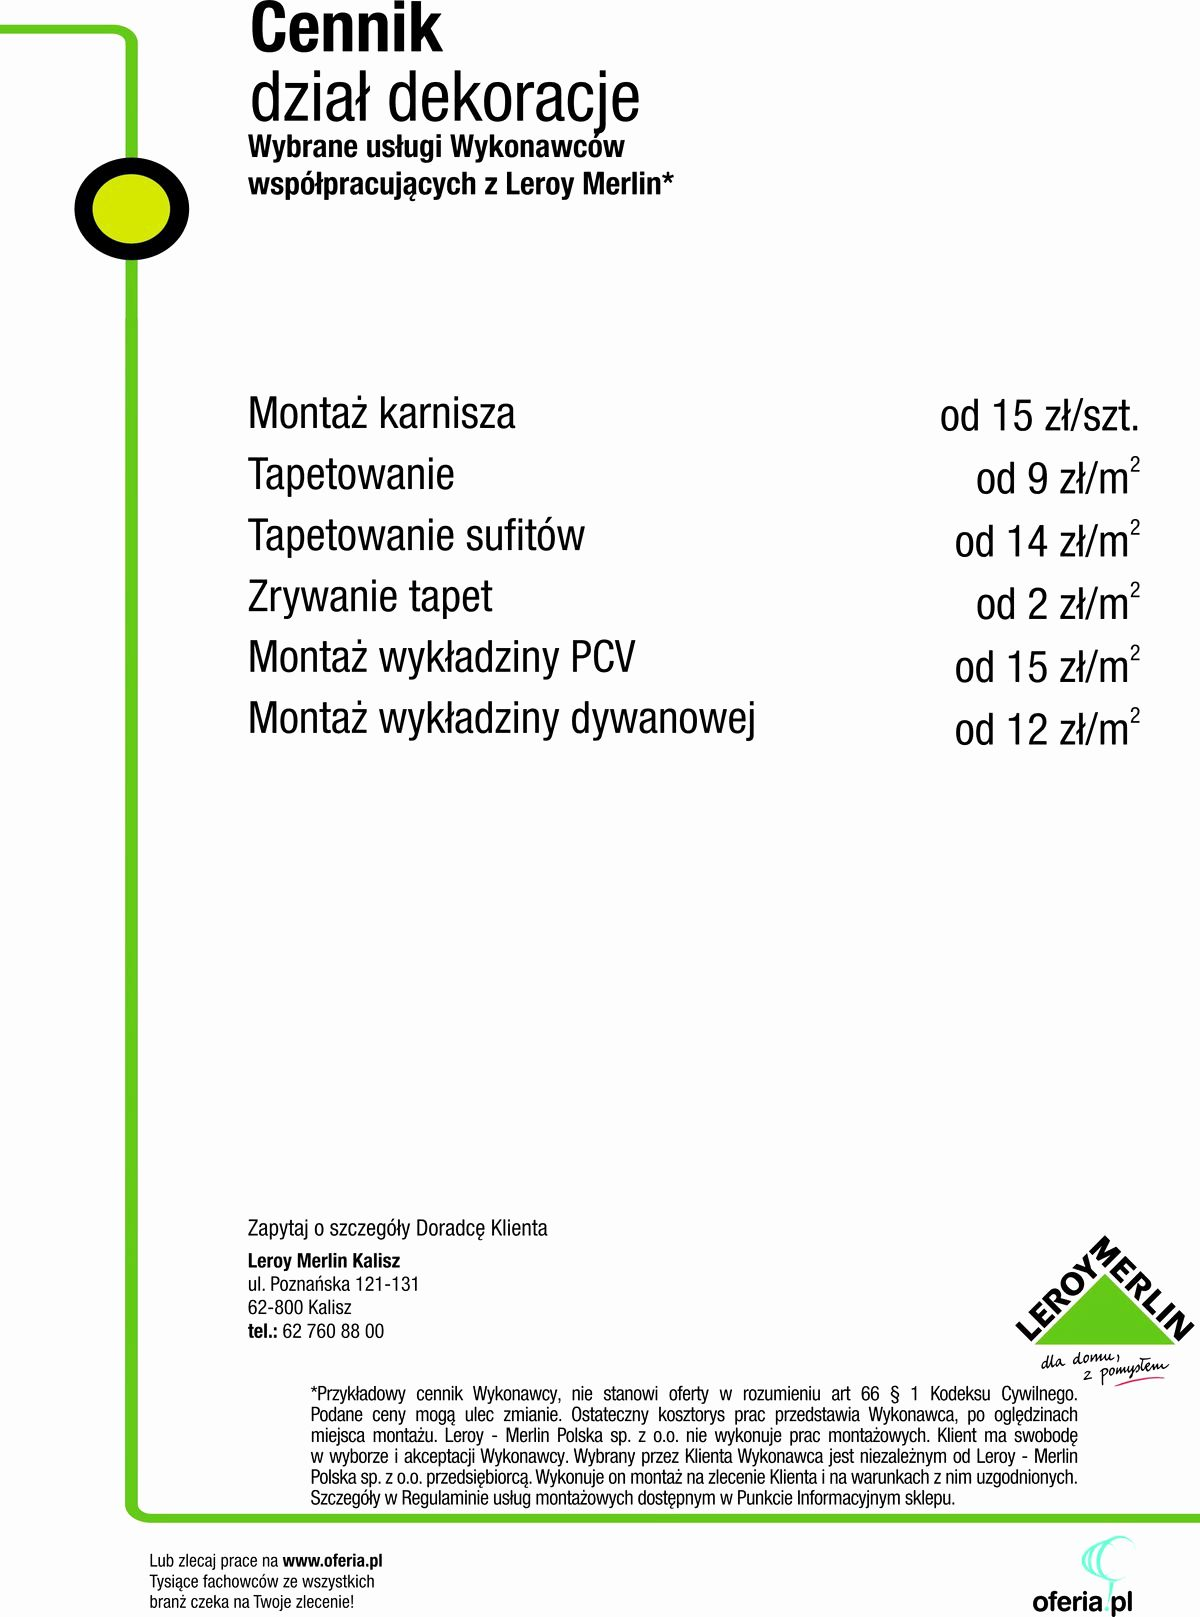 Punaise De Lit Traitement Nouveau Piege Pour Punaise De Lit Housse Anti Punaise De Lit Leroy Merlin